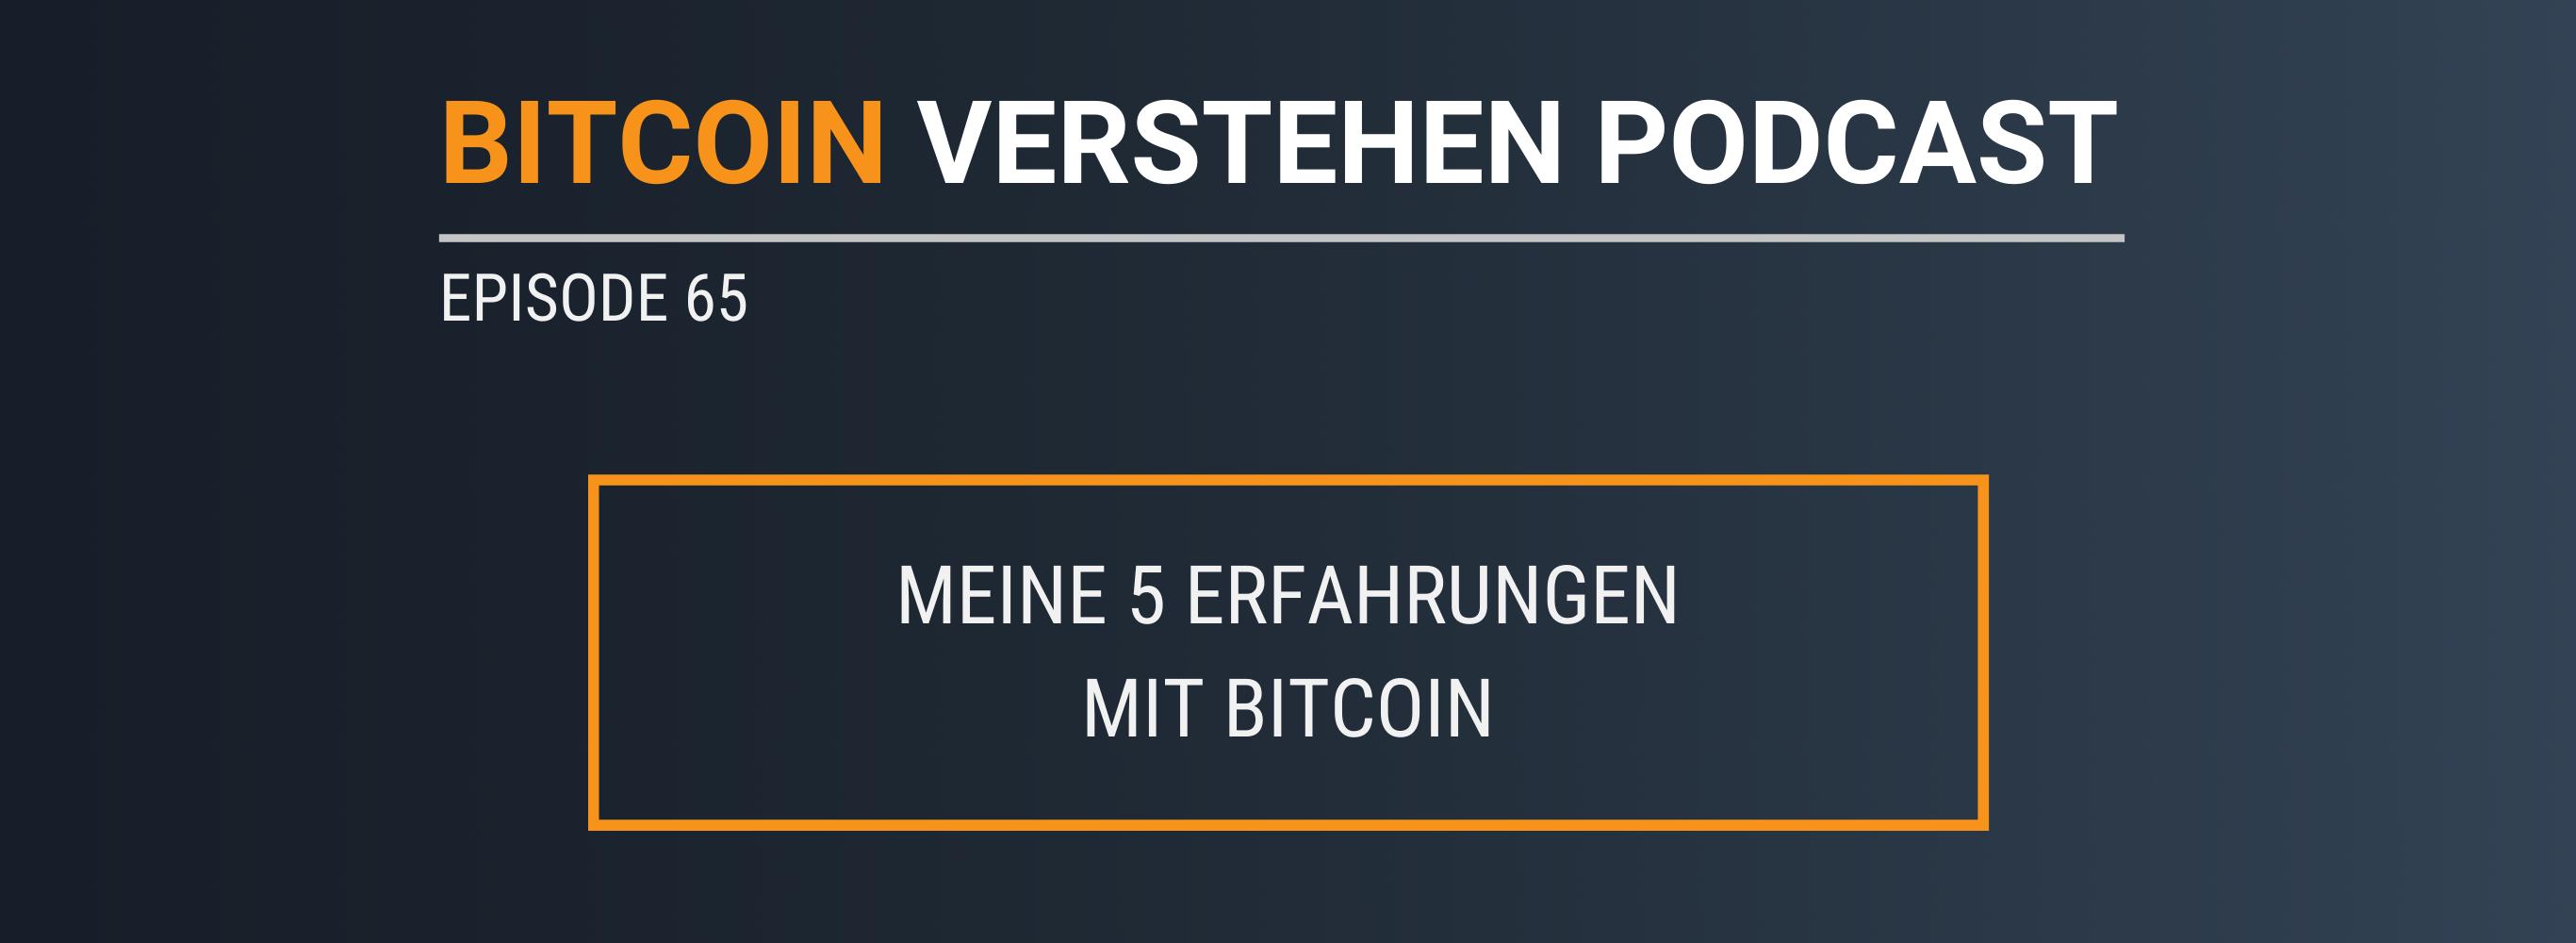 Episode 65 – Meine 5 Erfahrungen mit Bitcoin